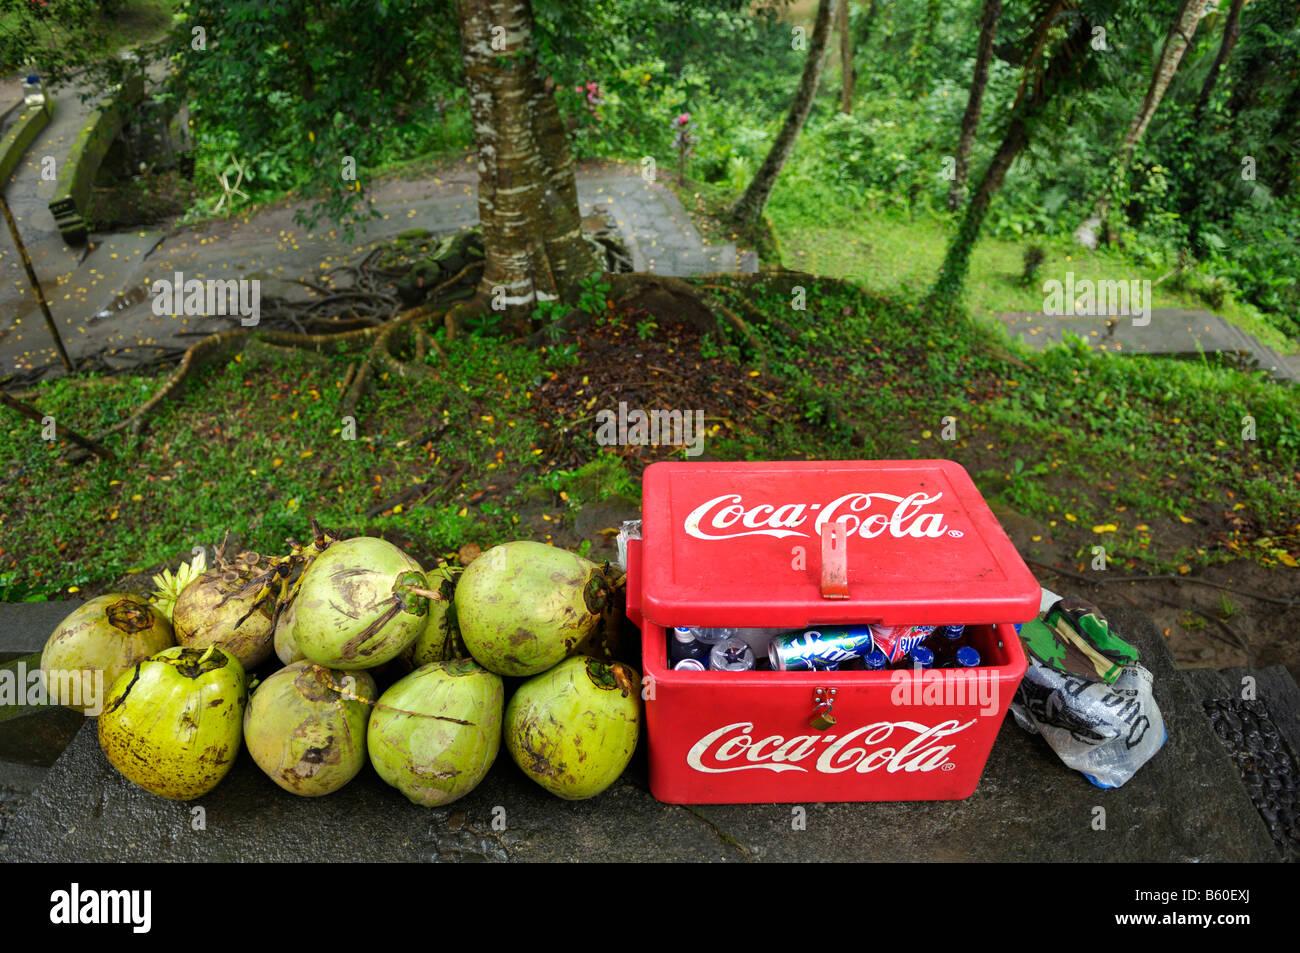 Offerte speciali per bevande, coke o di cocco, di Ubud, Bali, Indonesia, sud-est asiatico Immagini Stock